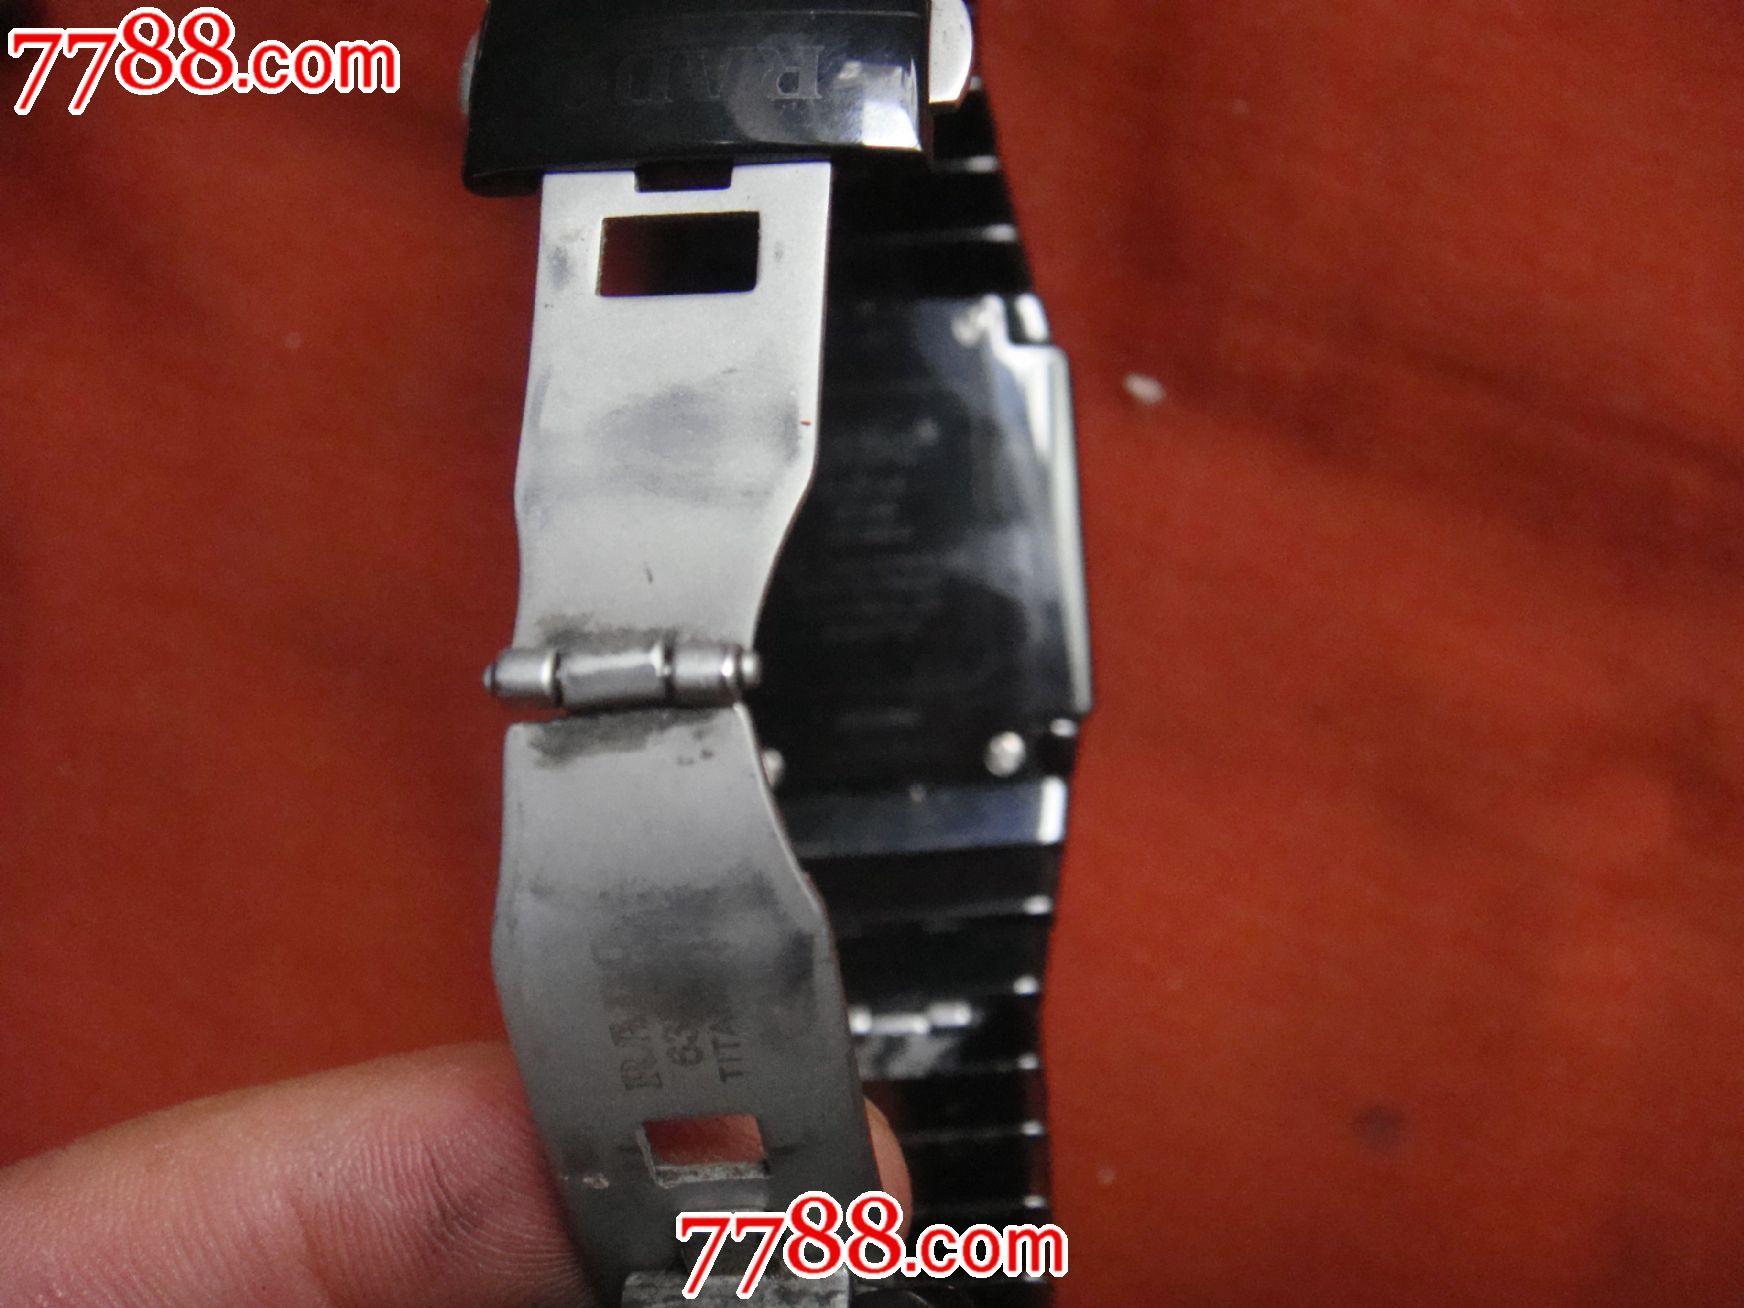 雷达(Rado®)手表官方网站 | 探索瑞士高品质高科技陶瓷设计